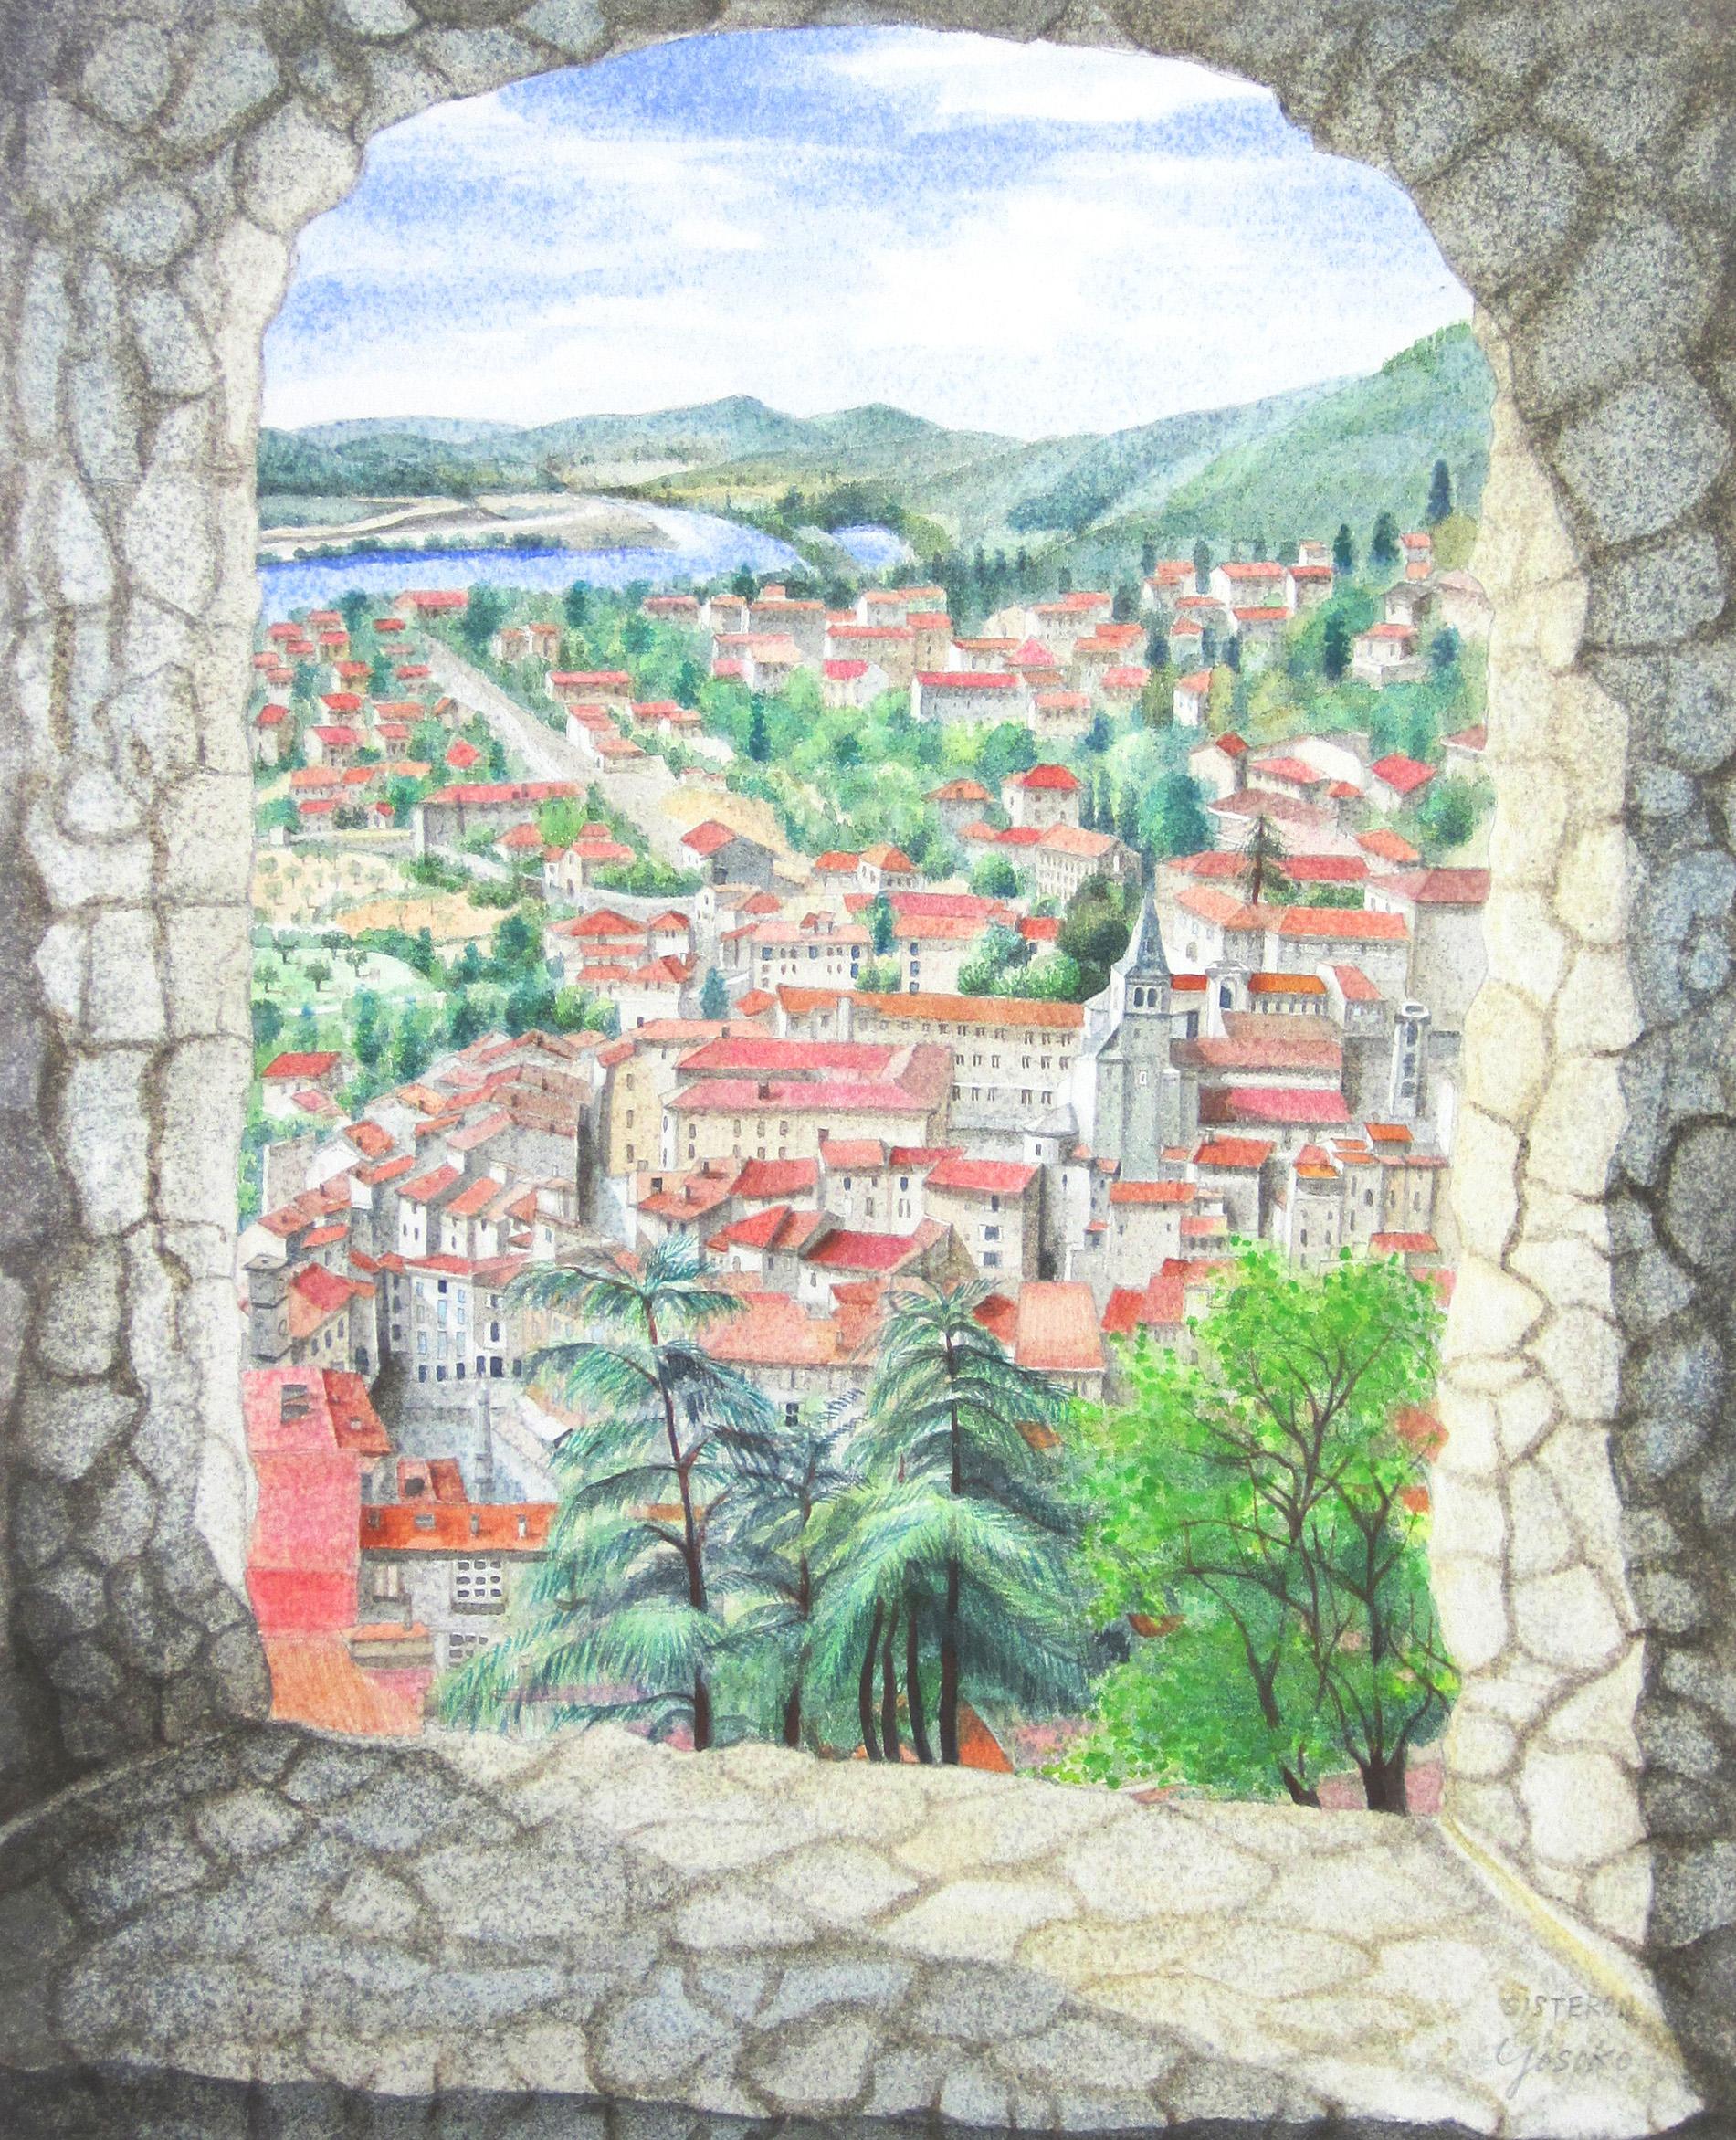 風景画・志村好子「中世の街 SISTERON(シストロン)」水彩画(絵寸317×408・額寸392×507mm)